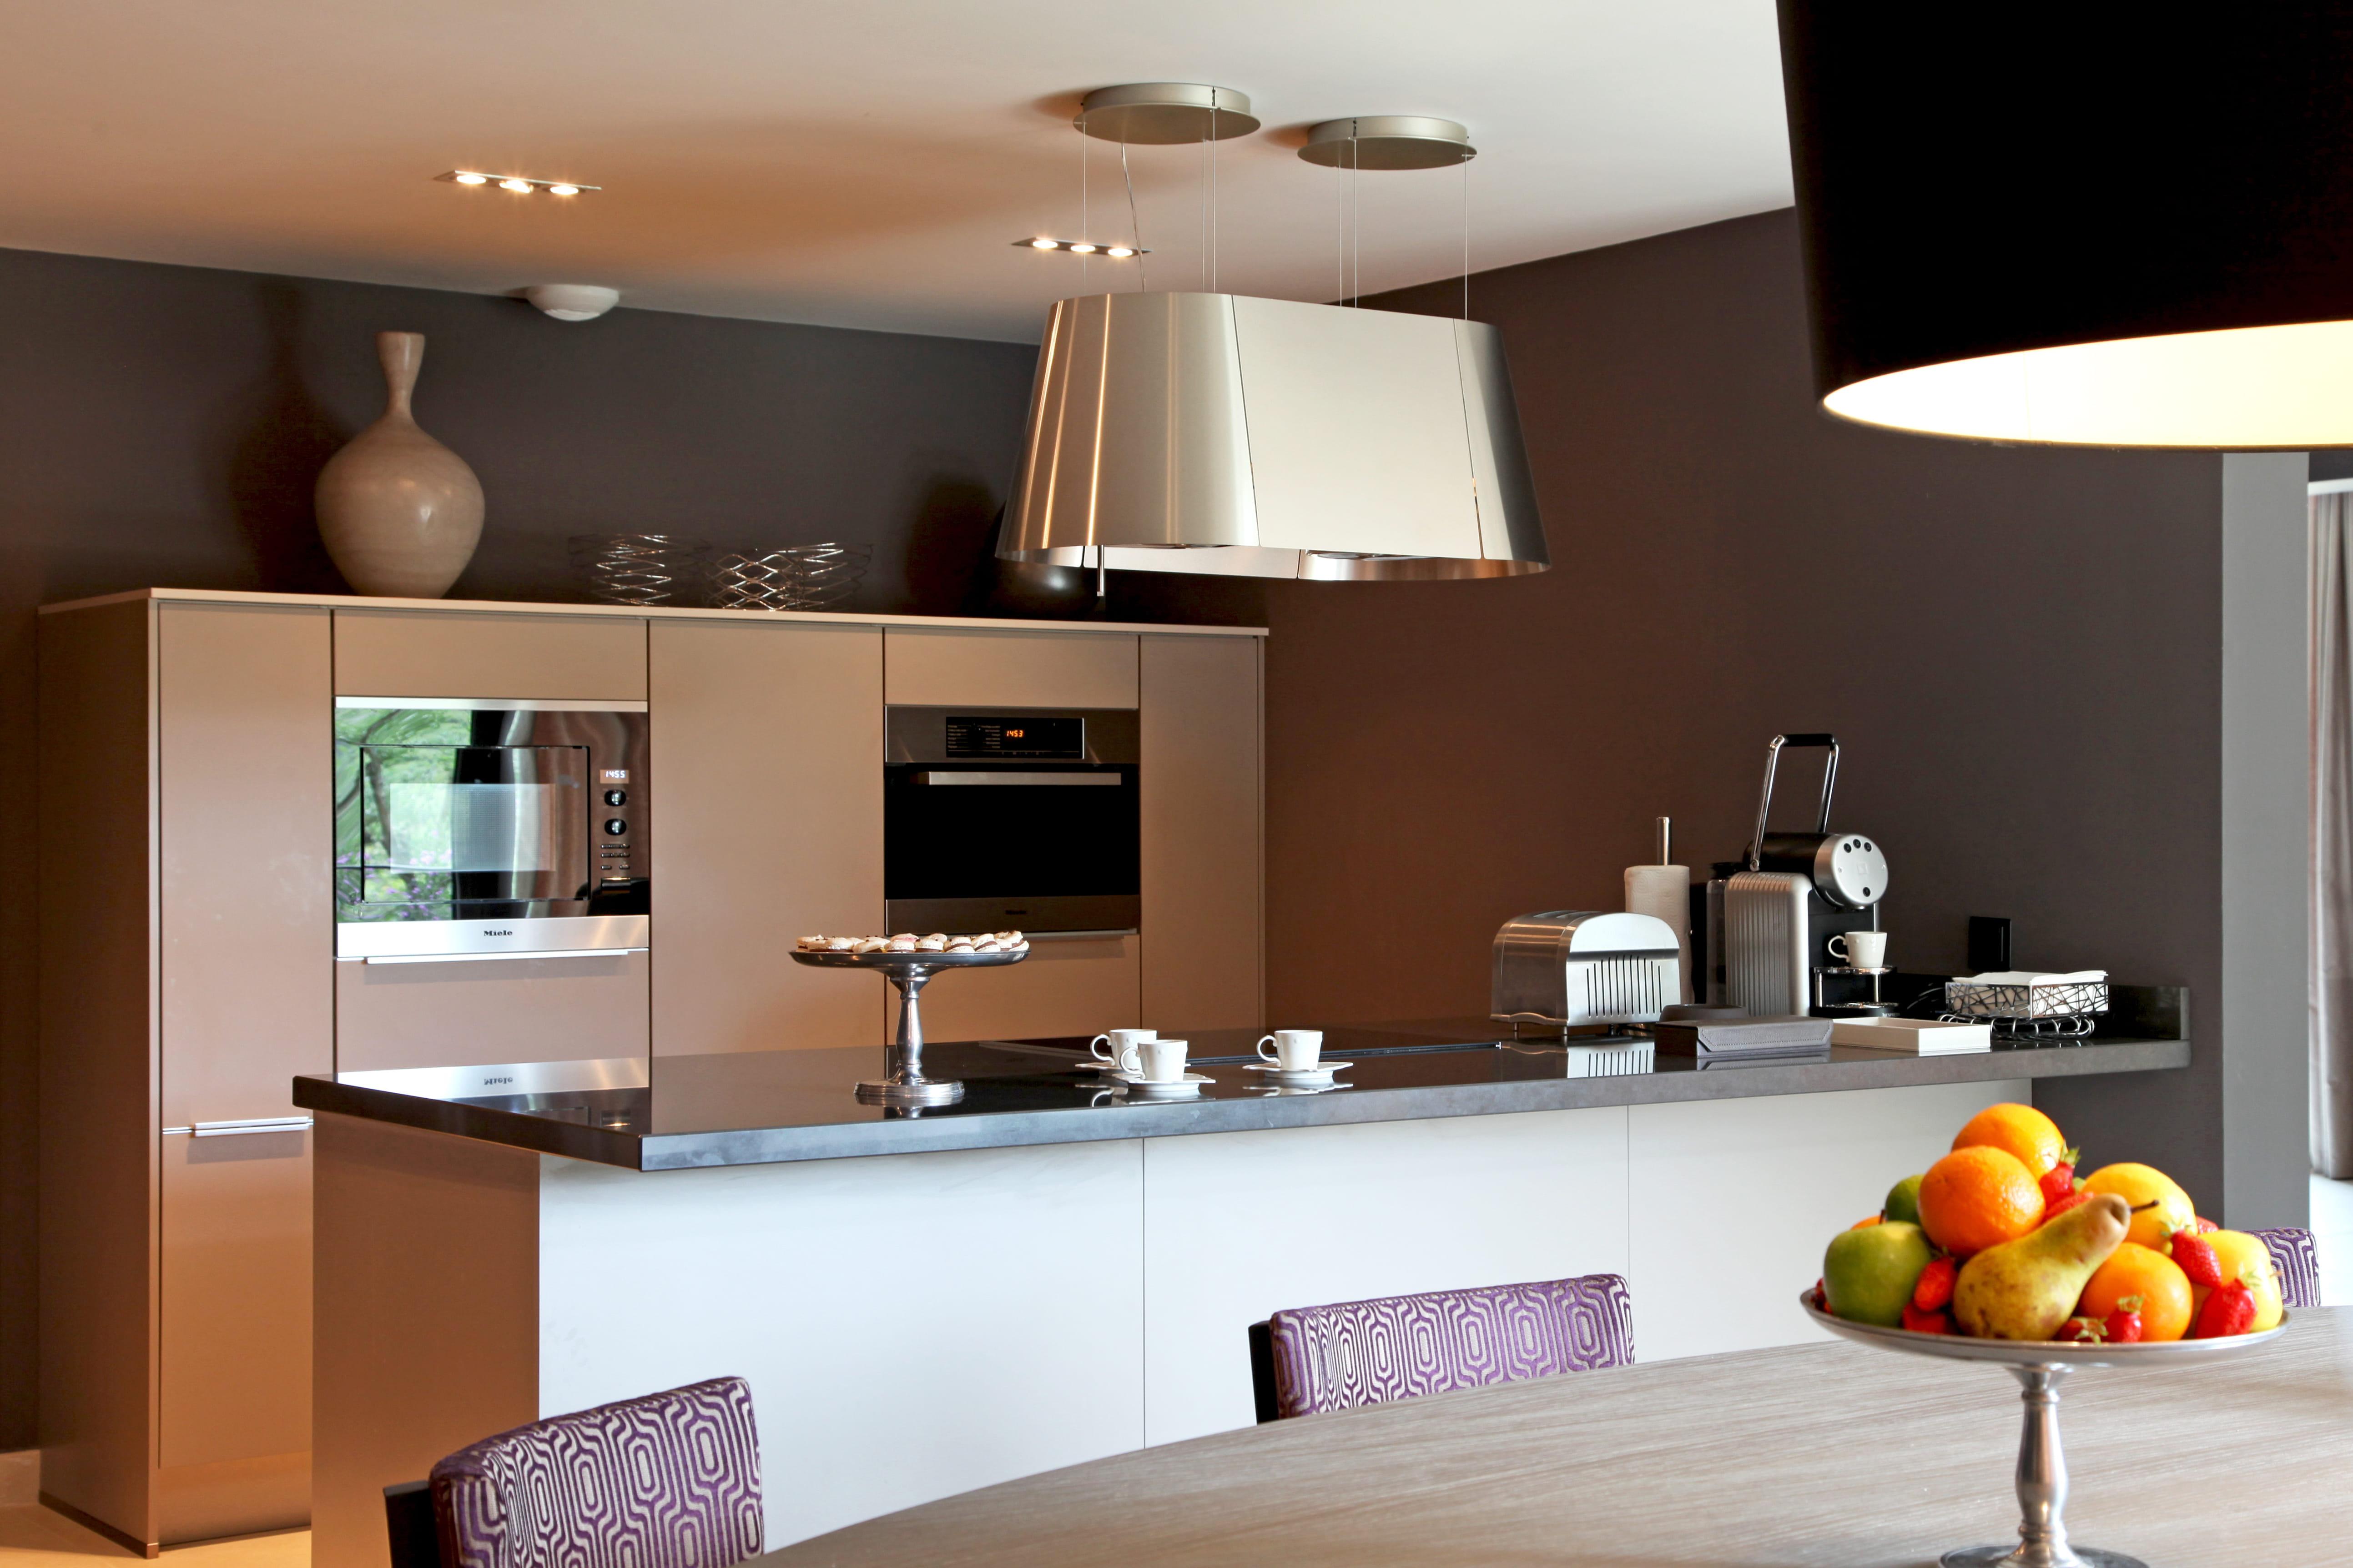 Optez pour lindémodable couleur taupe dans votre cuisine - Journal ...